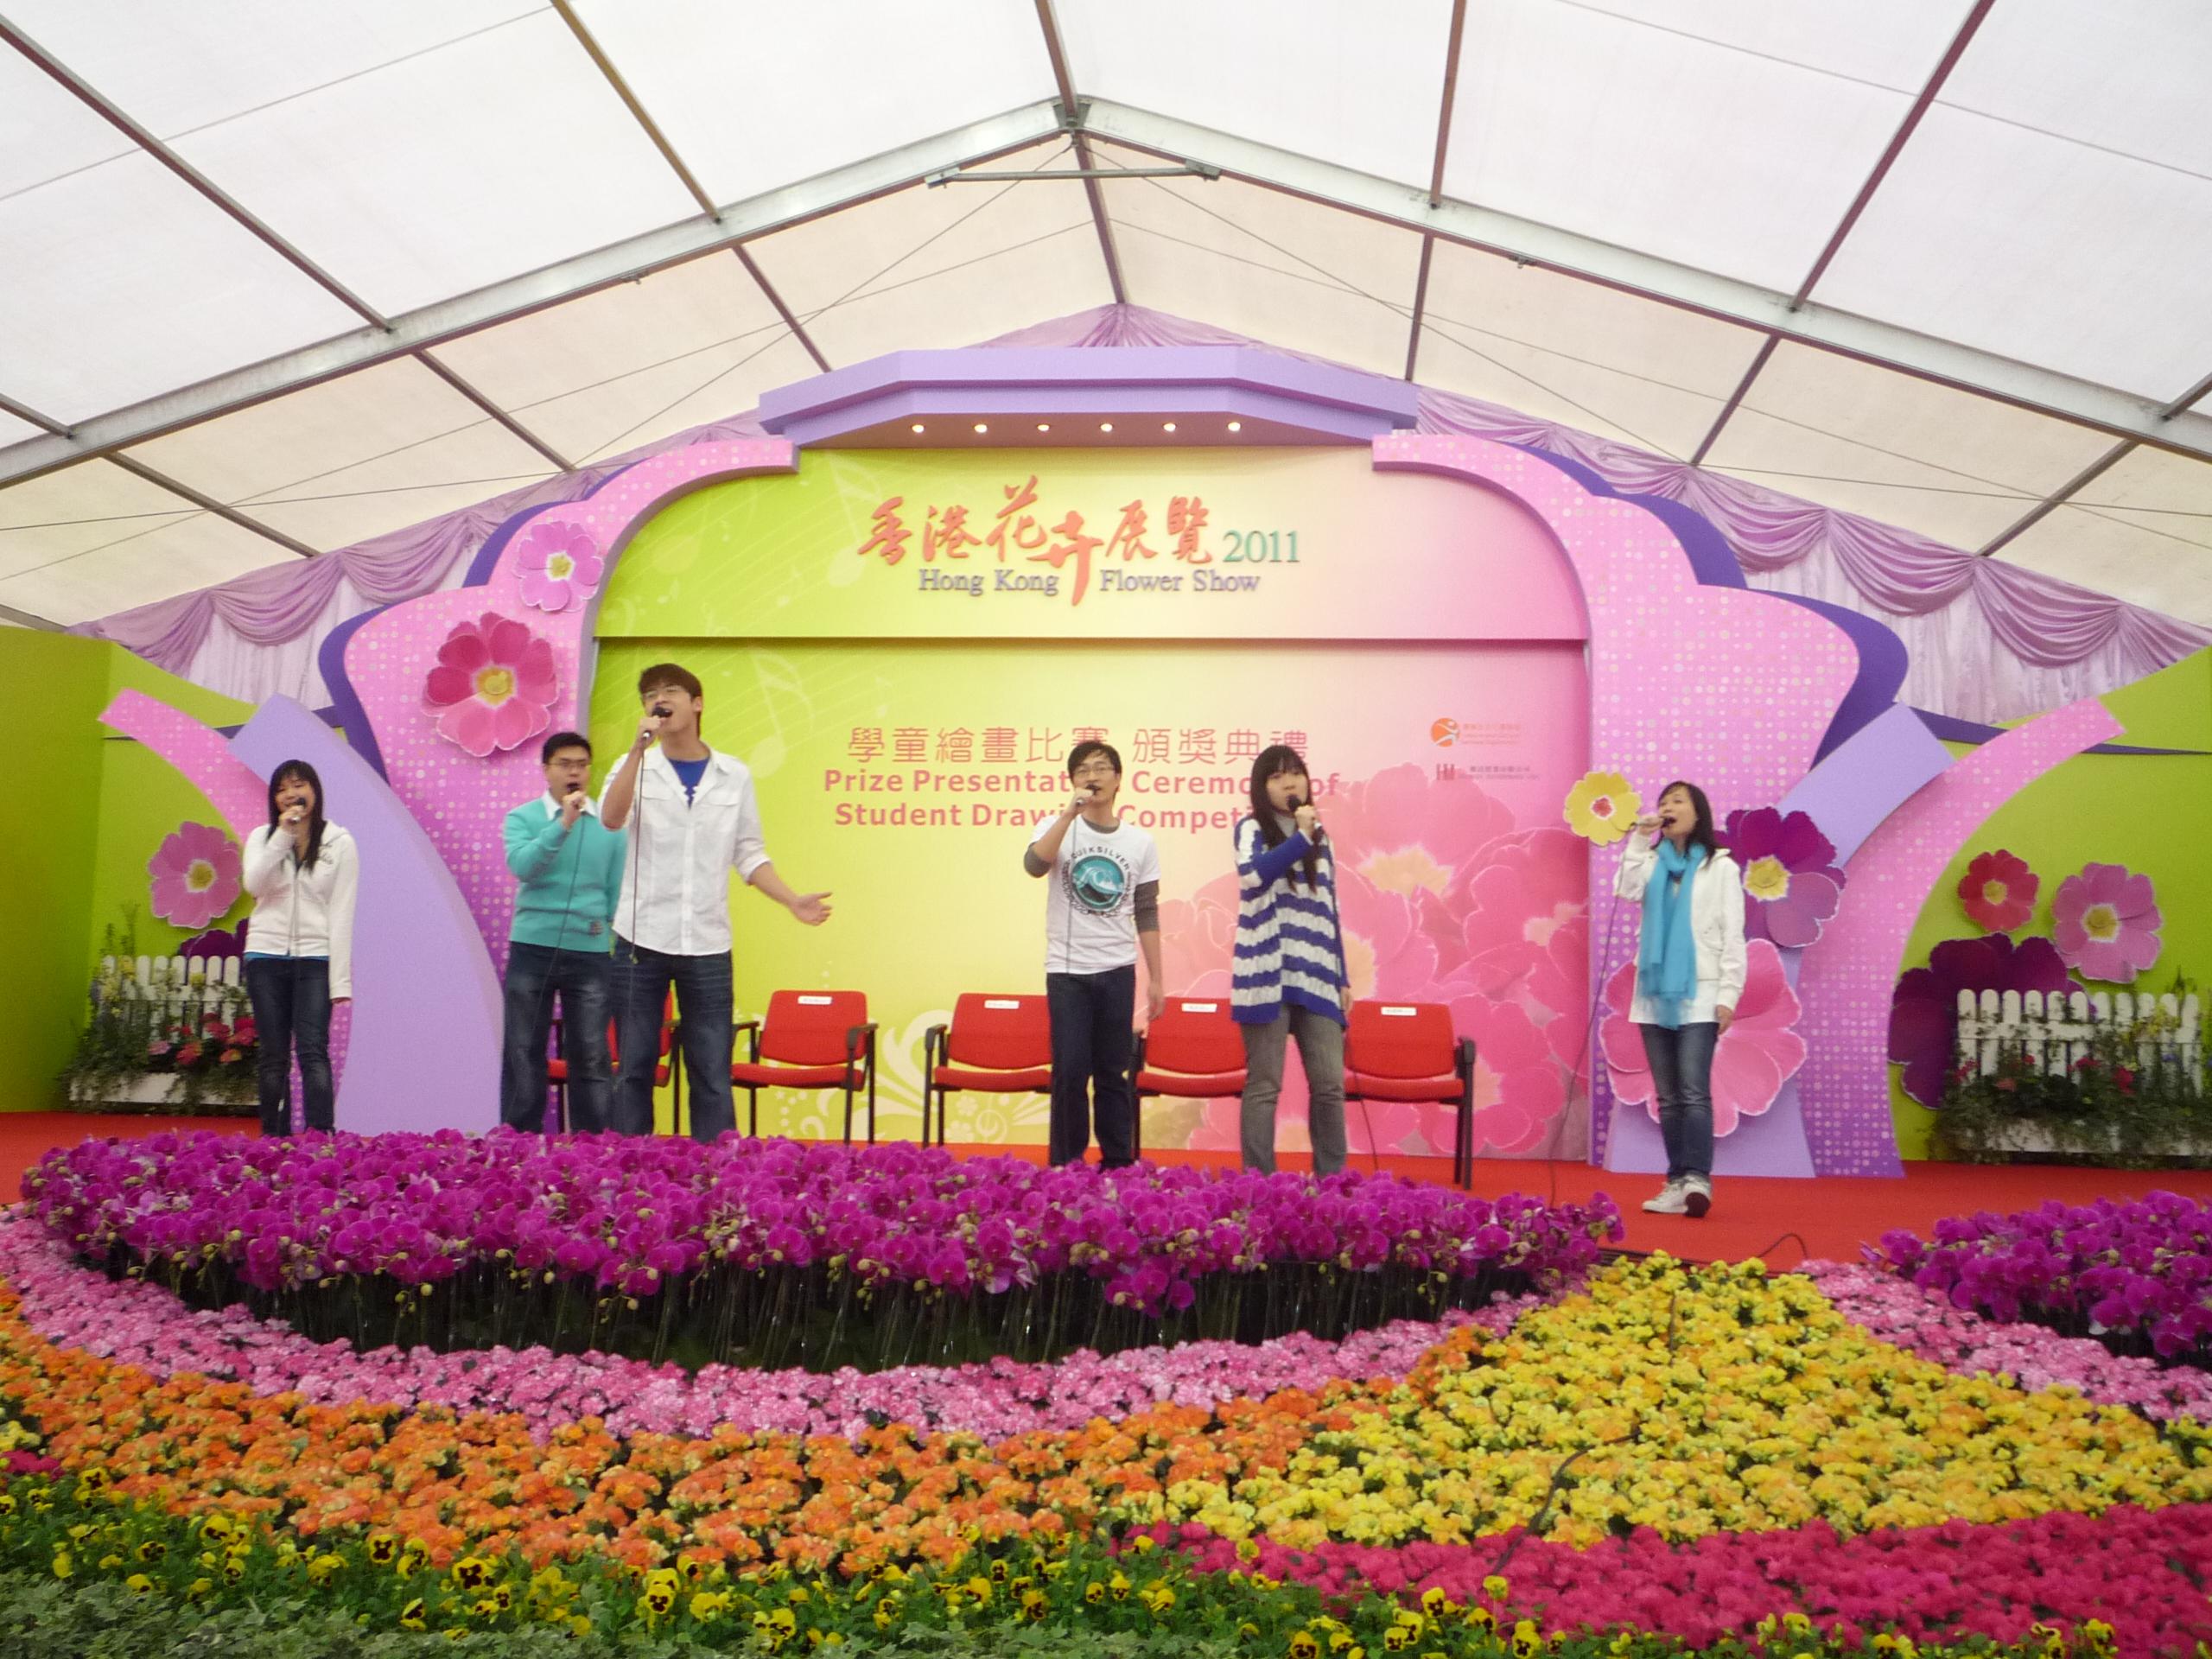 2011年香港花卉展覽